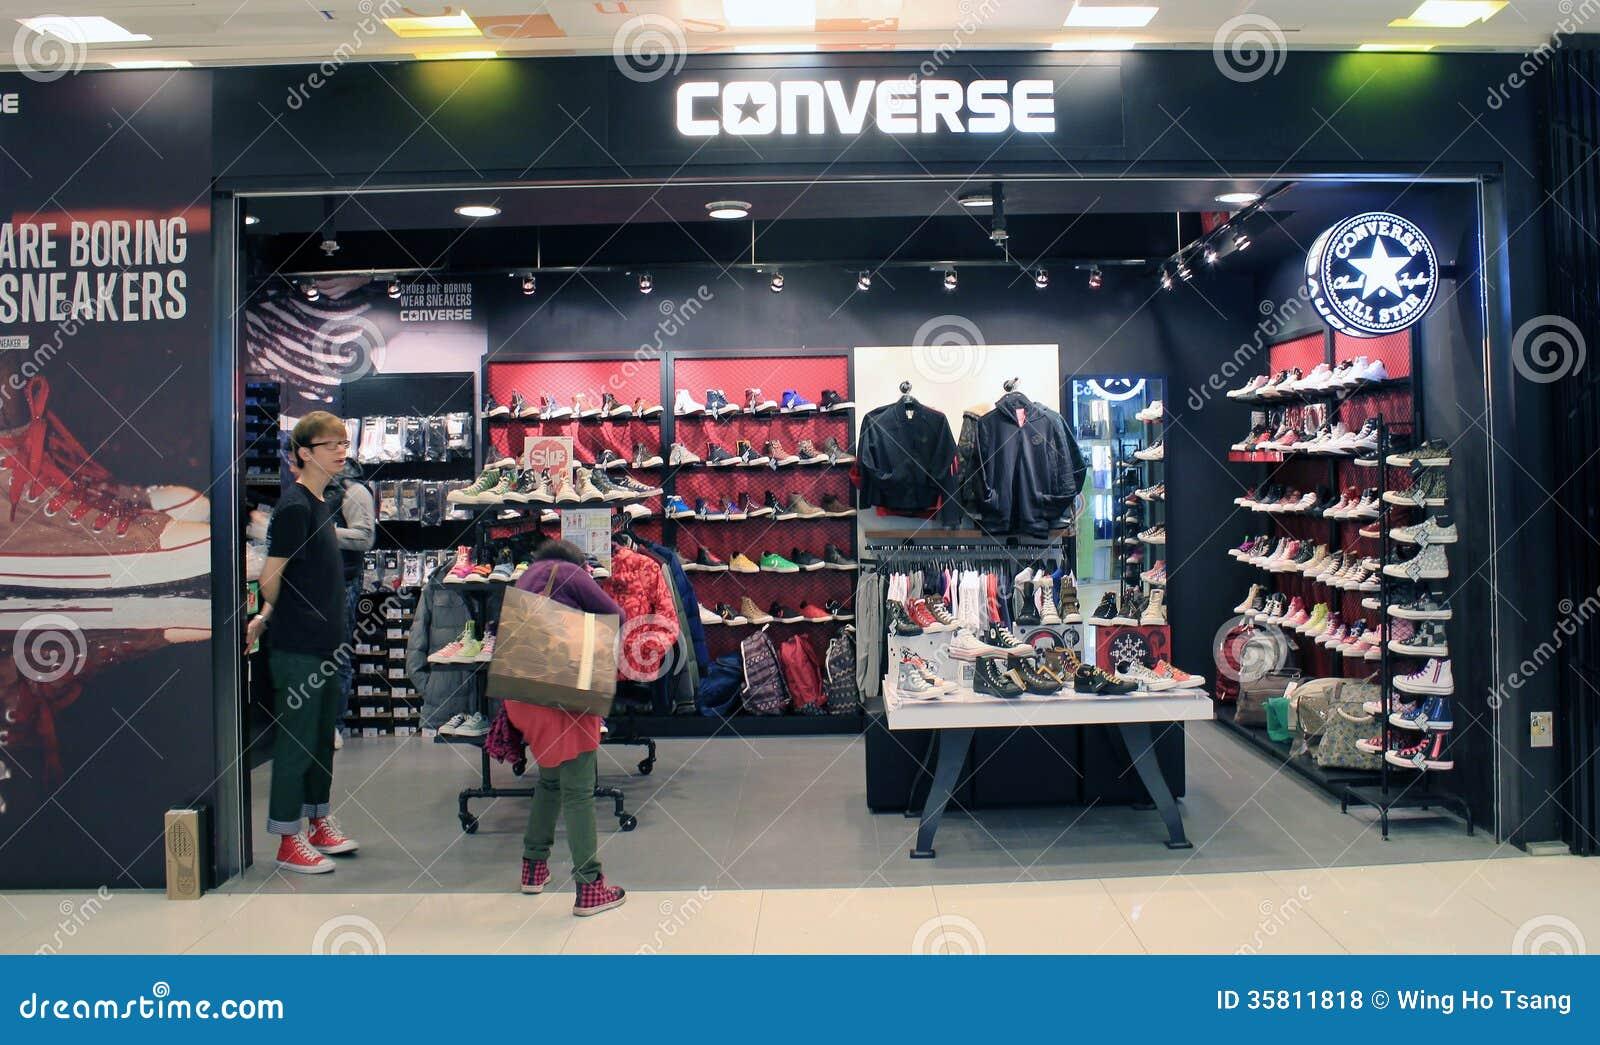 converse shopping